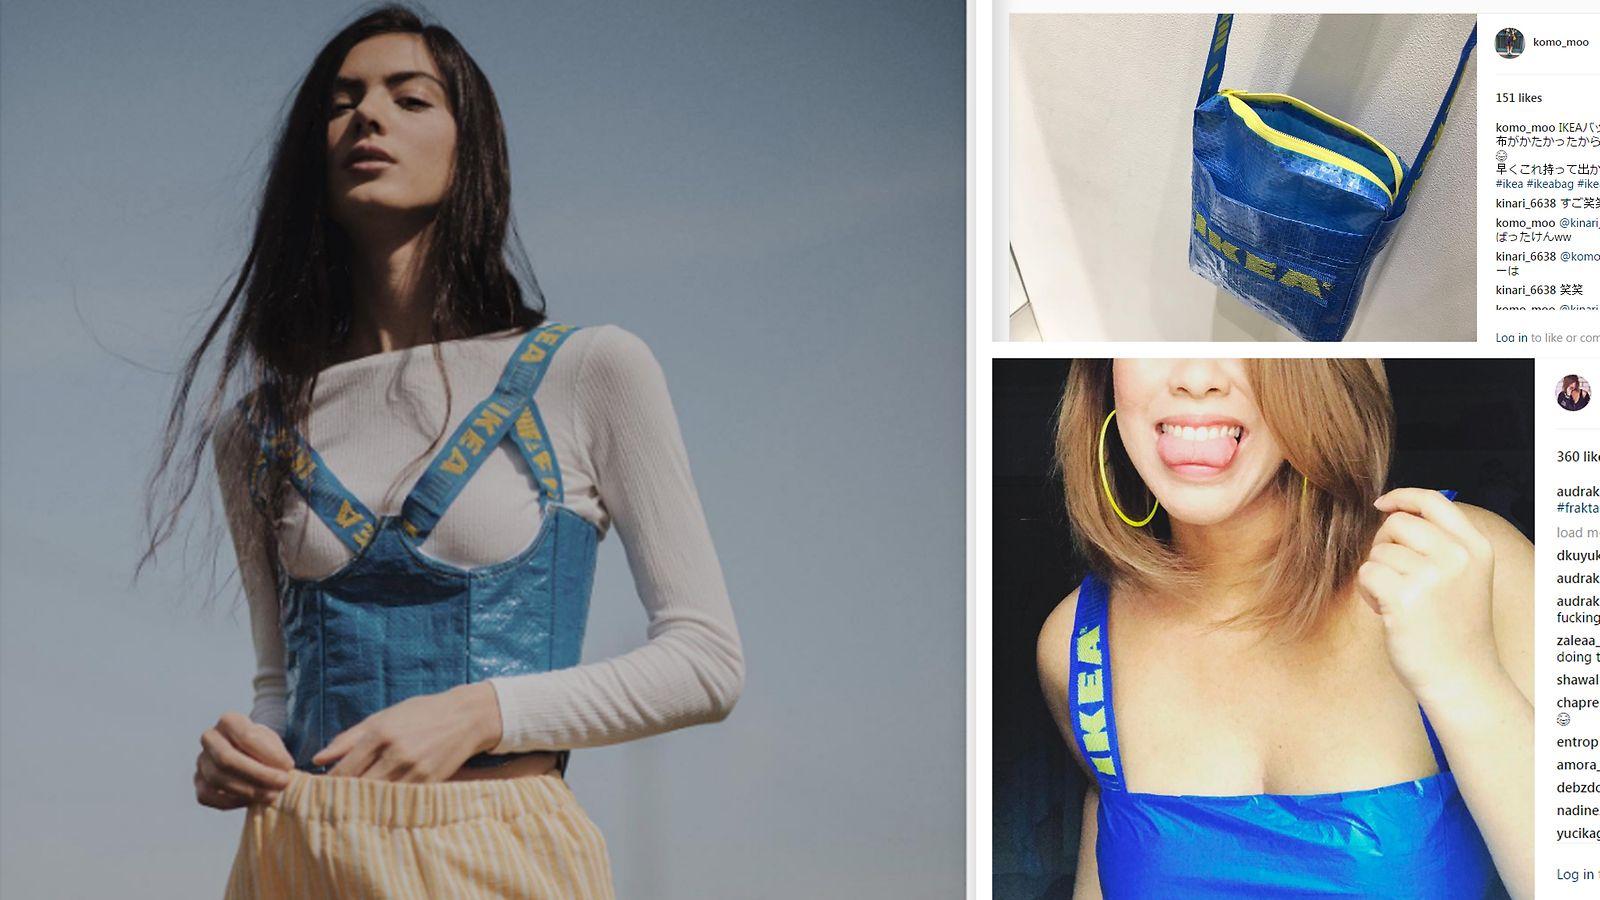 Ikea-miljardööri Ingvar Kamprad ostaa kaikki vaatteensa kirpparilta